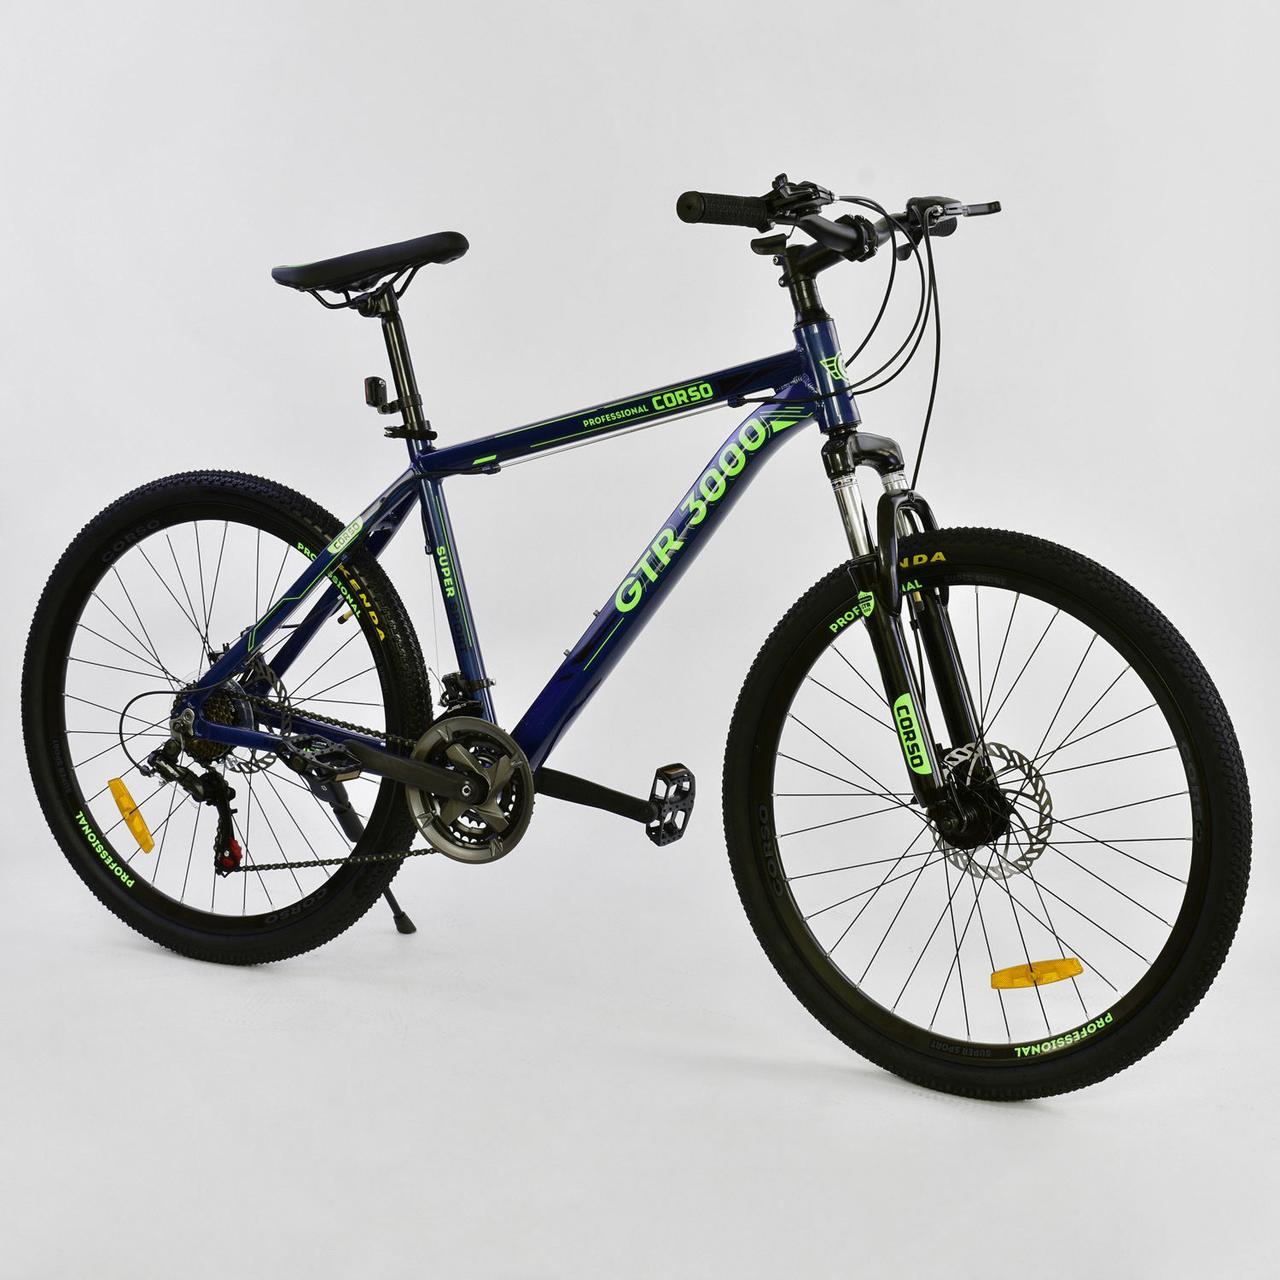 Велосипед Спортивный CORSO 26 дюймов JYT 003-9720 GTR-3000 21 скорость сине-зеленый